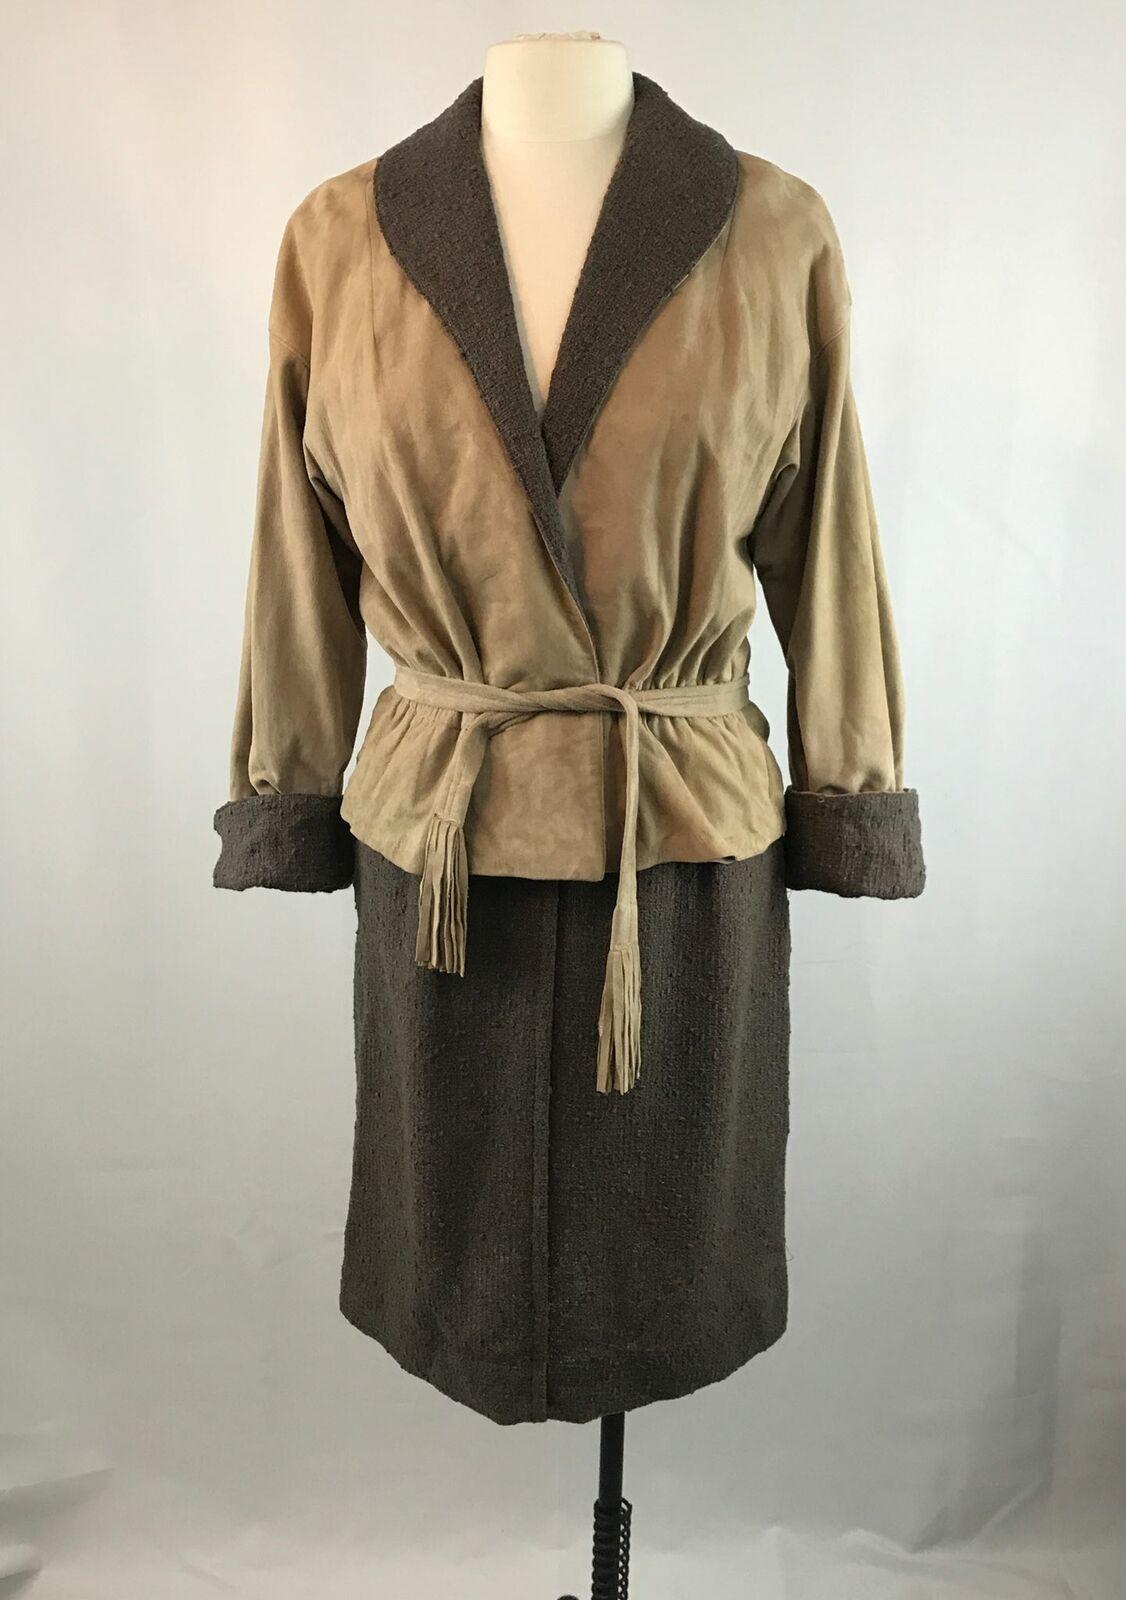 Vintage Bonnie Cashin Leather Jacket and Skirt Se… - image 1